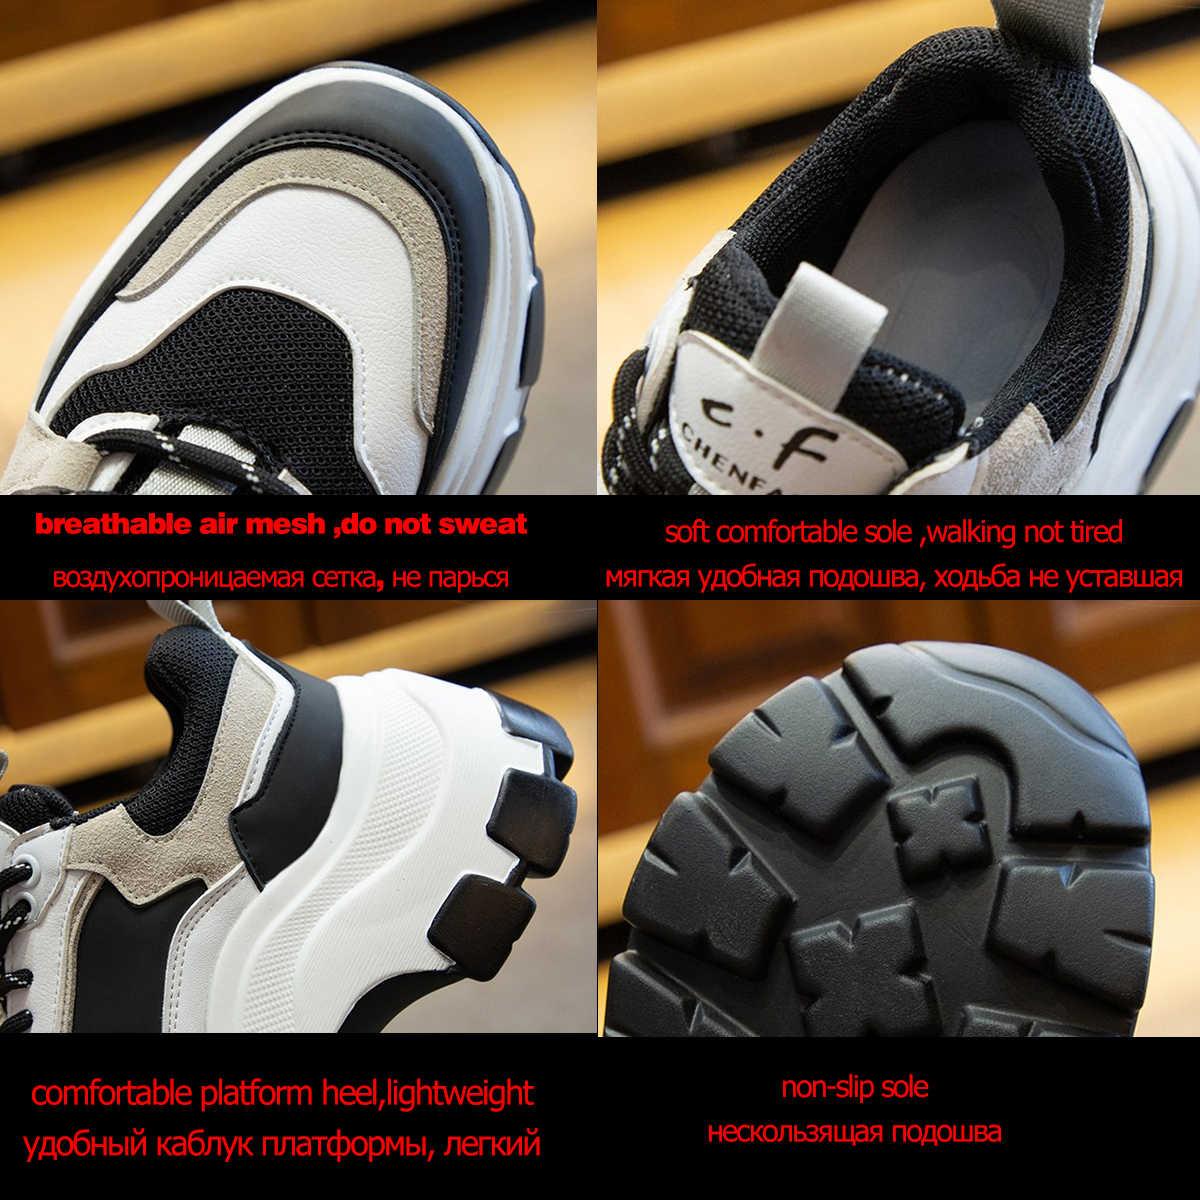 Fujin Sepatu Wanita Sneakers Tinggi Bersol Putih Hitam Tebal Musim Panas Chunky Sepatu Bernapas Santai Wanita Sepatu